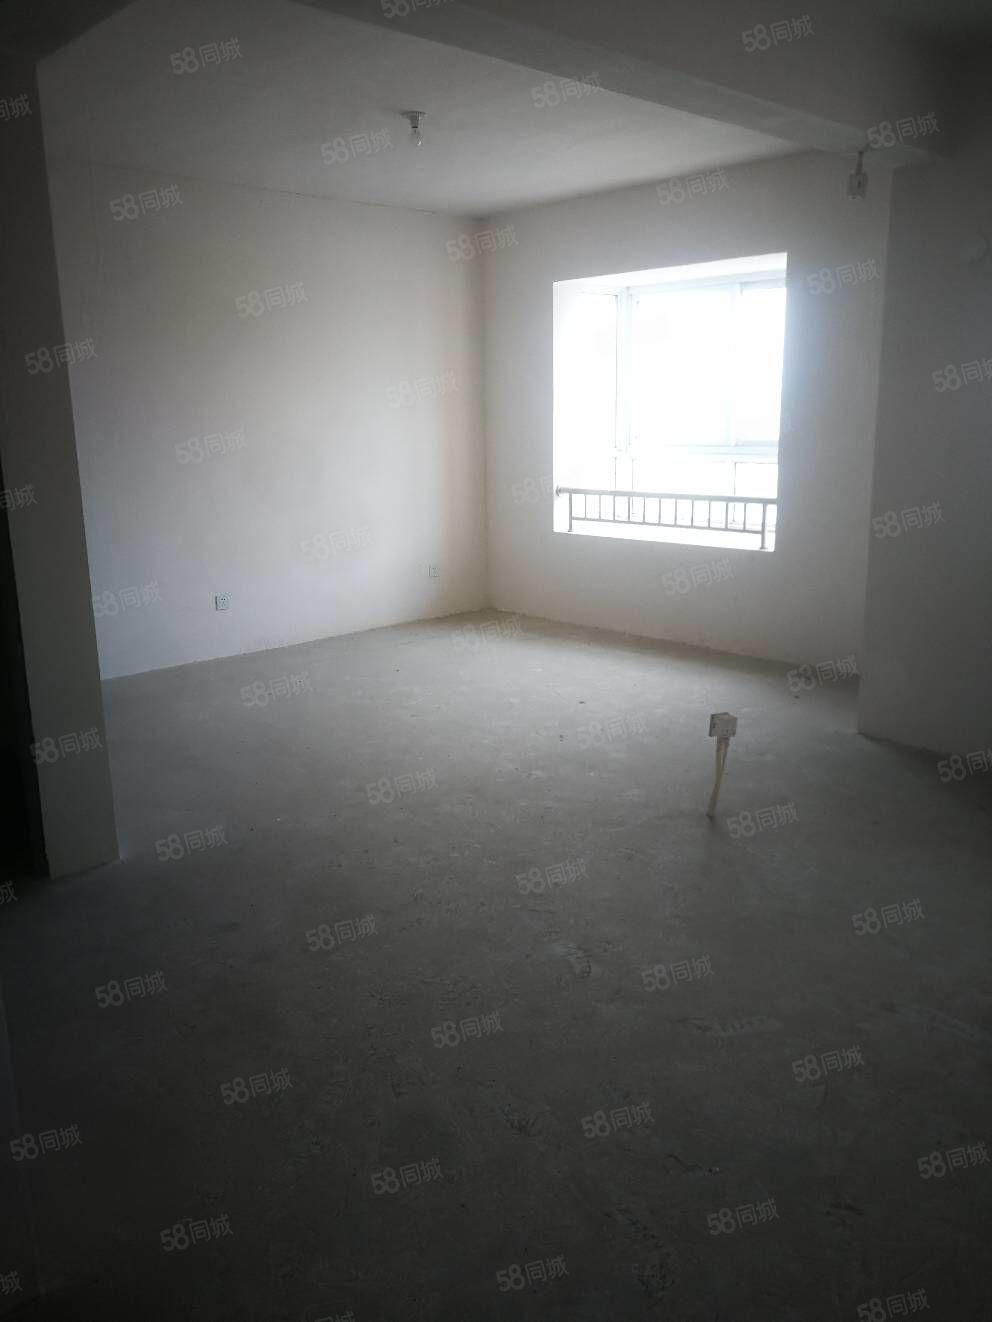 荣盛锦苑8楼121平,新空上手房,报价135万,看中可以谈